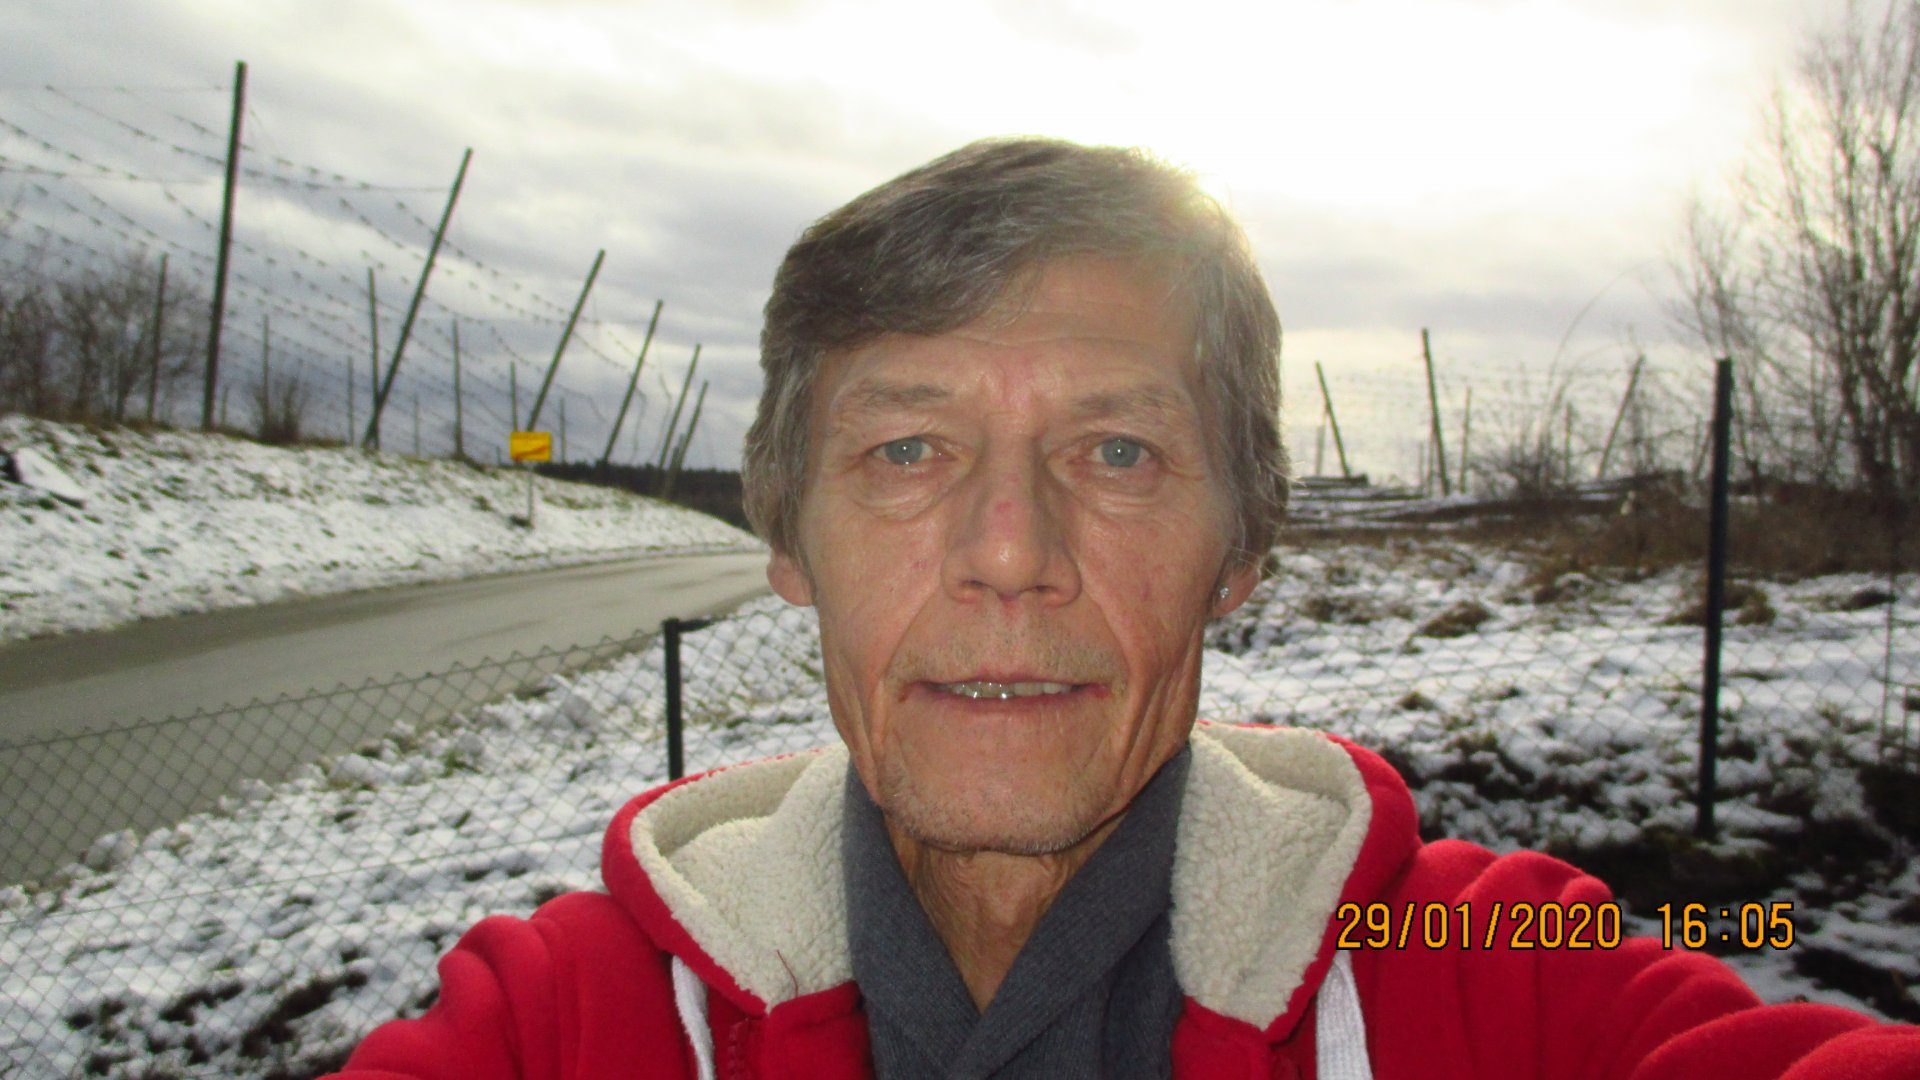 KaterMikesch aus Bayern,Deutschland